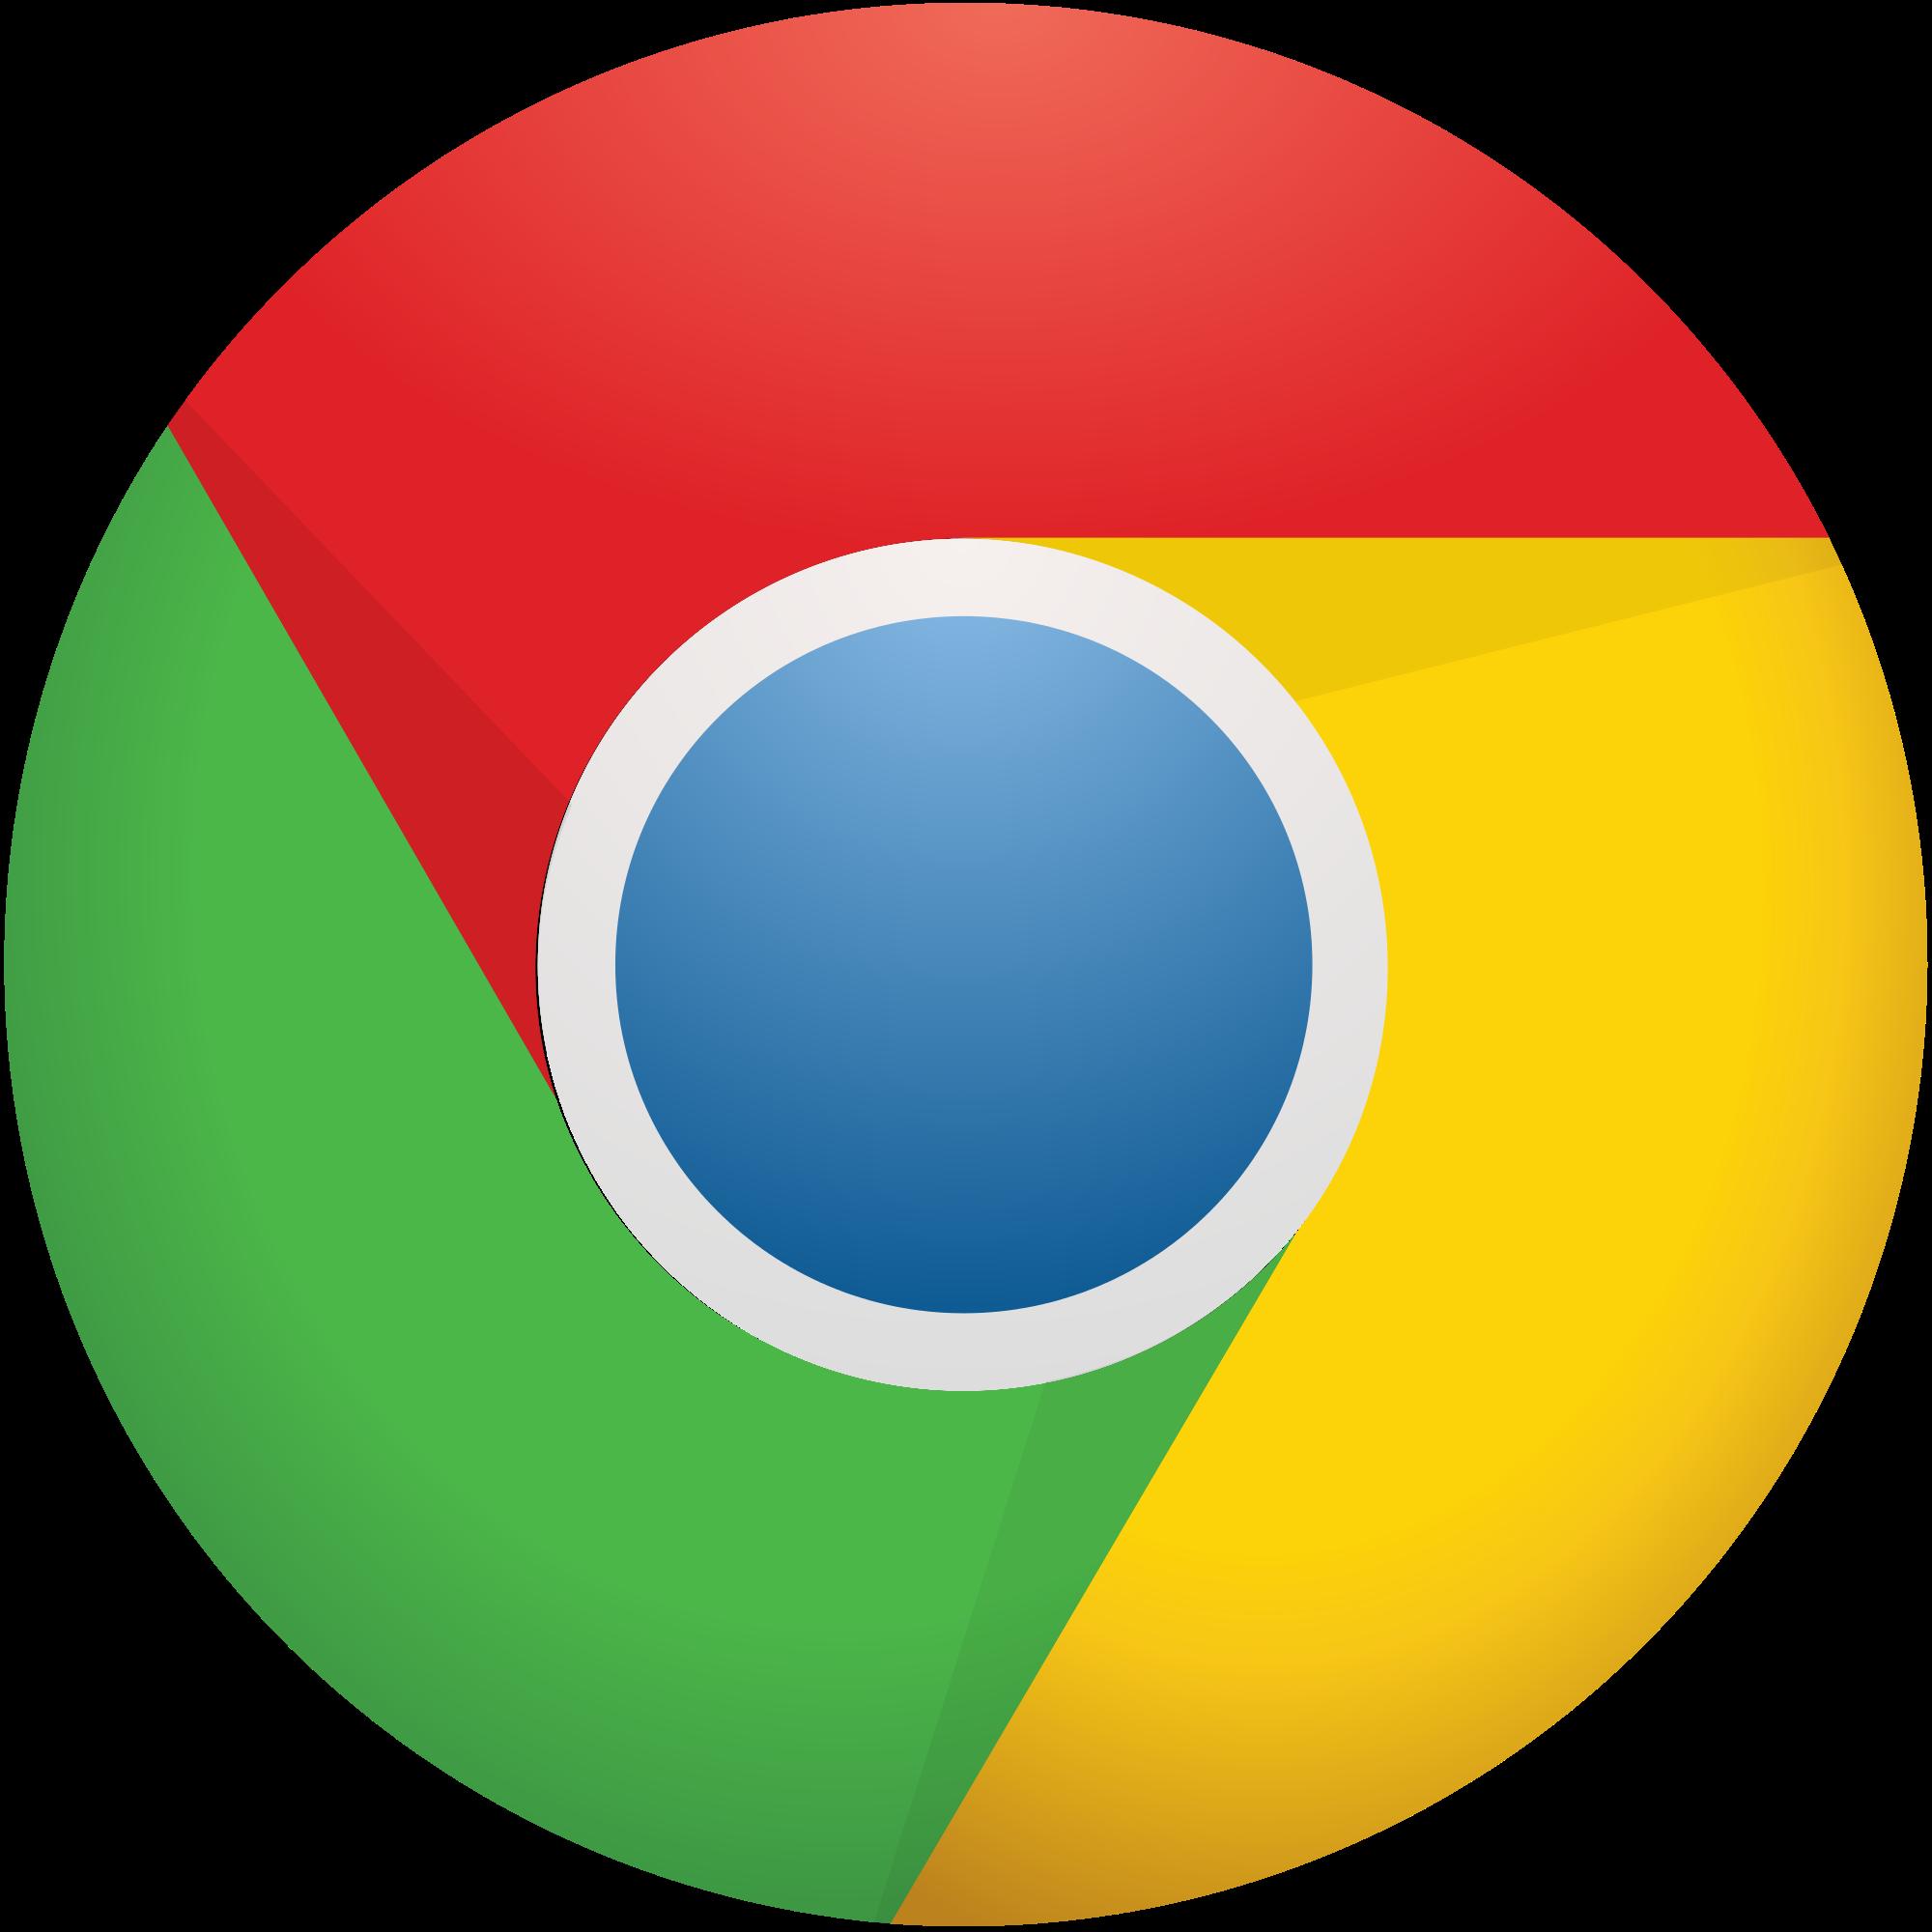 建議使用 Google Chrome 瀏覽本網站